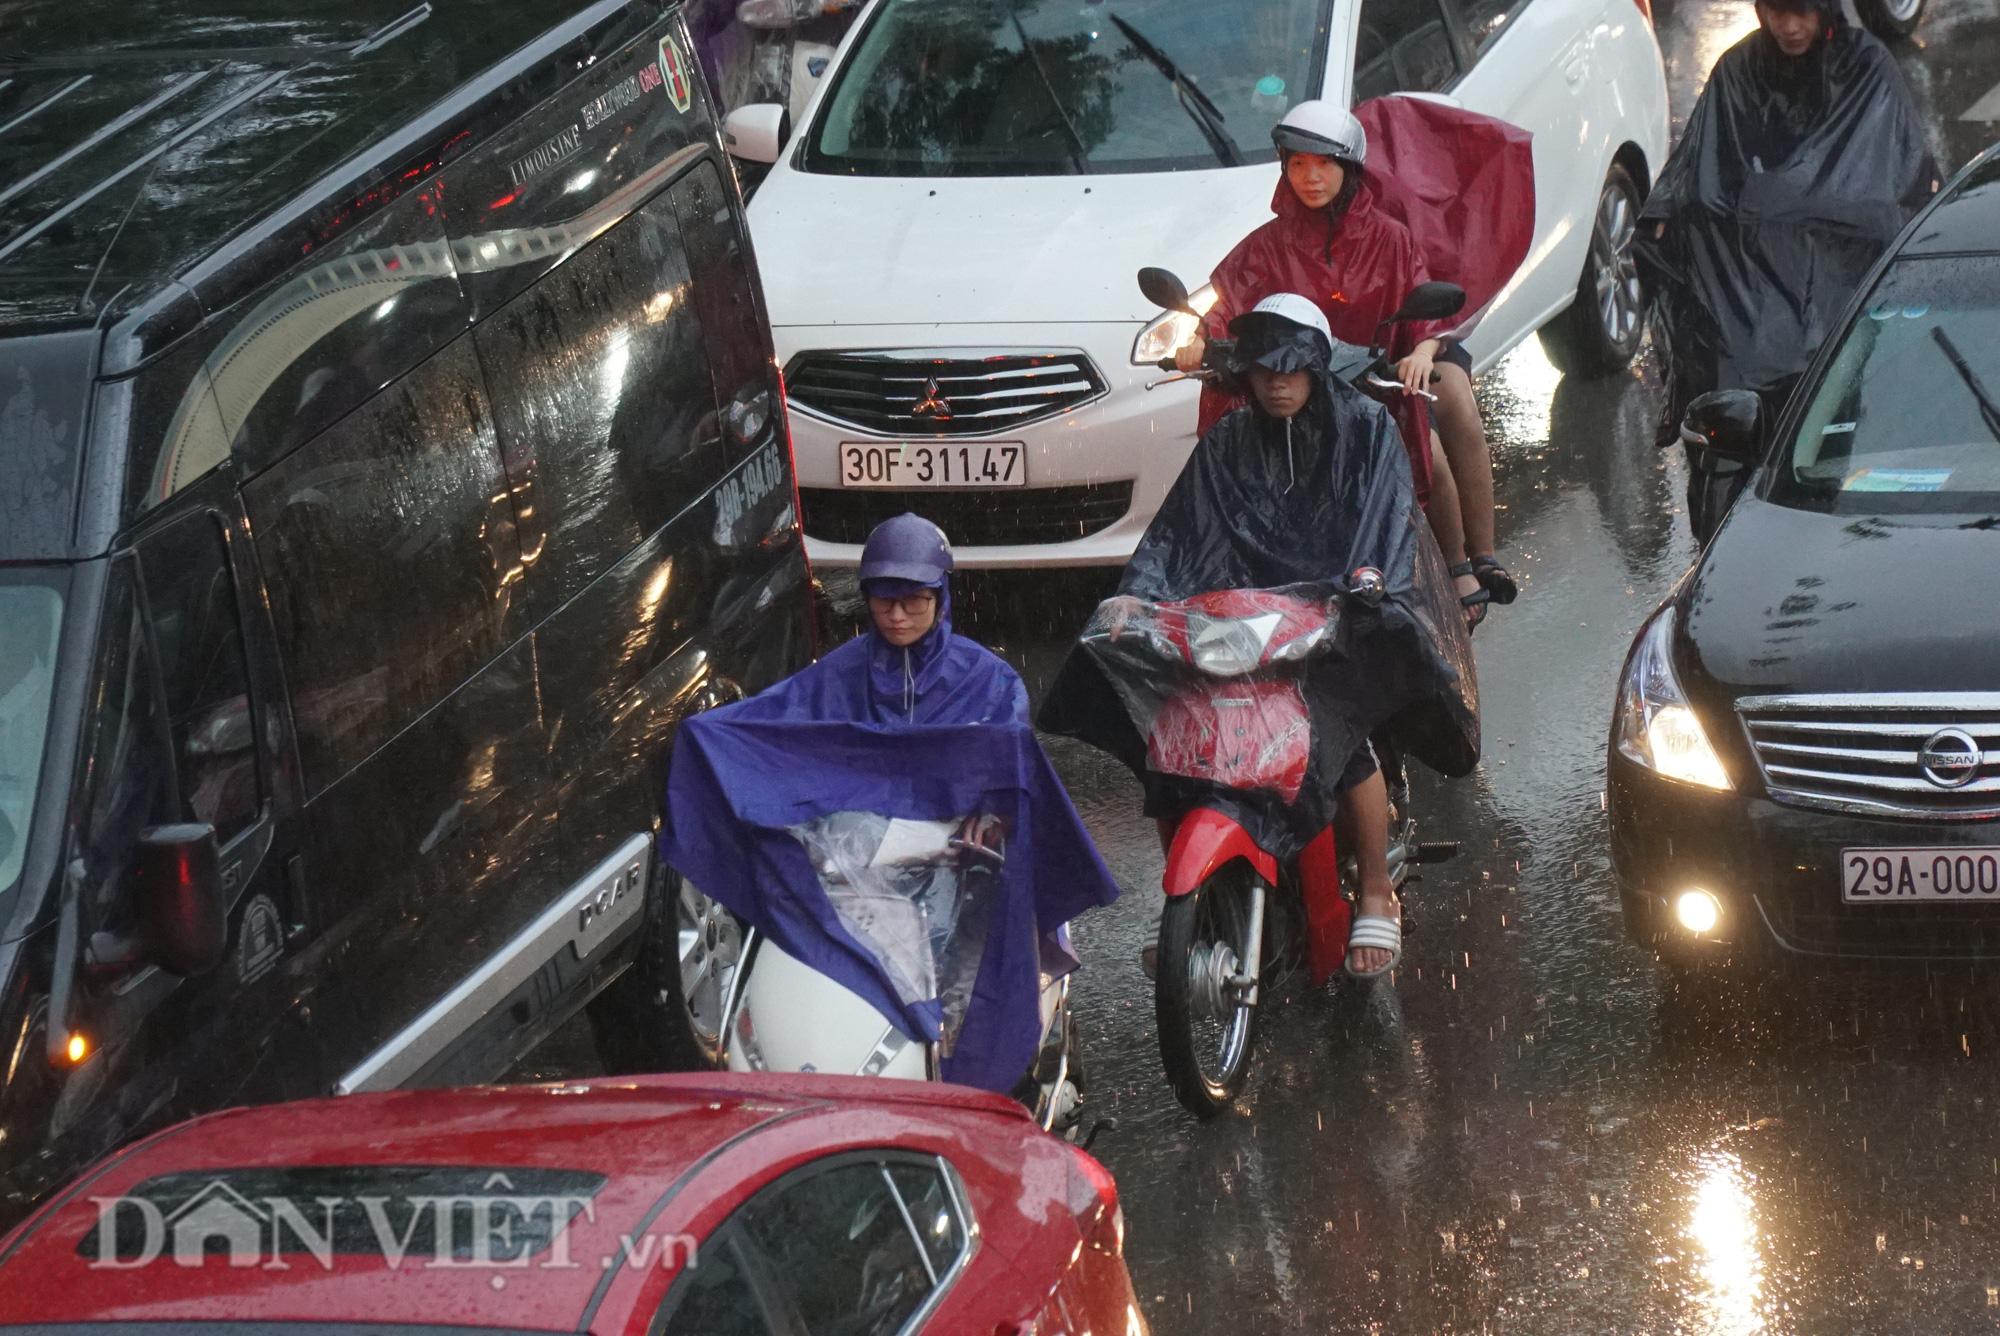 Hà Nội giảm 10 độ sau cơn mưa vàng - Ảnh 4.